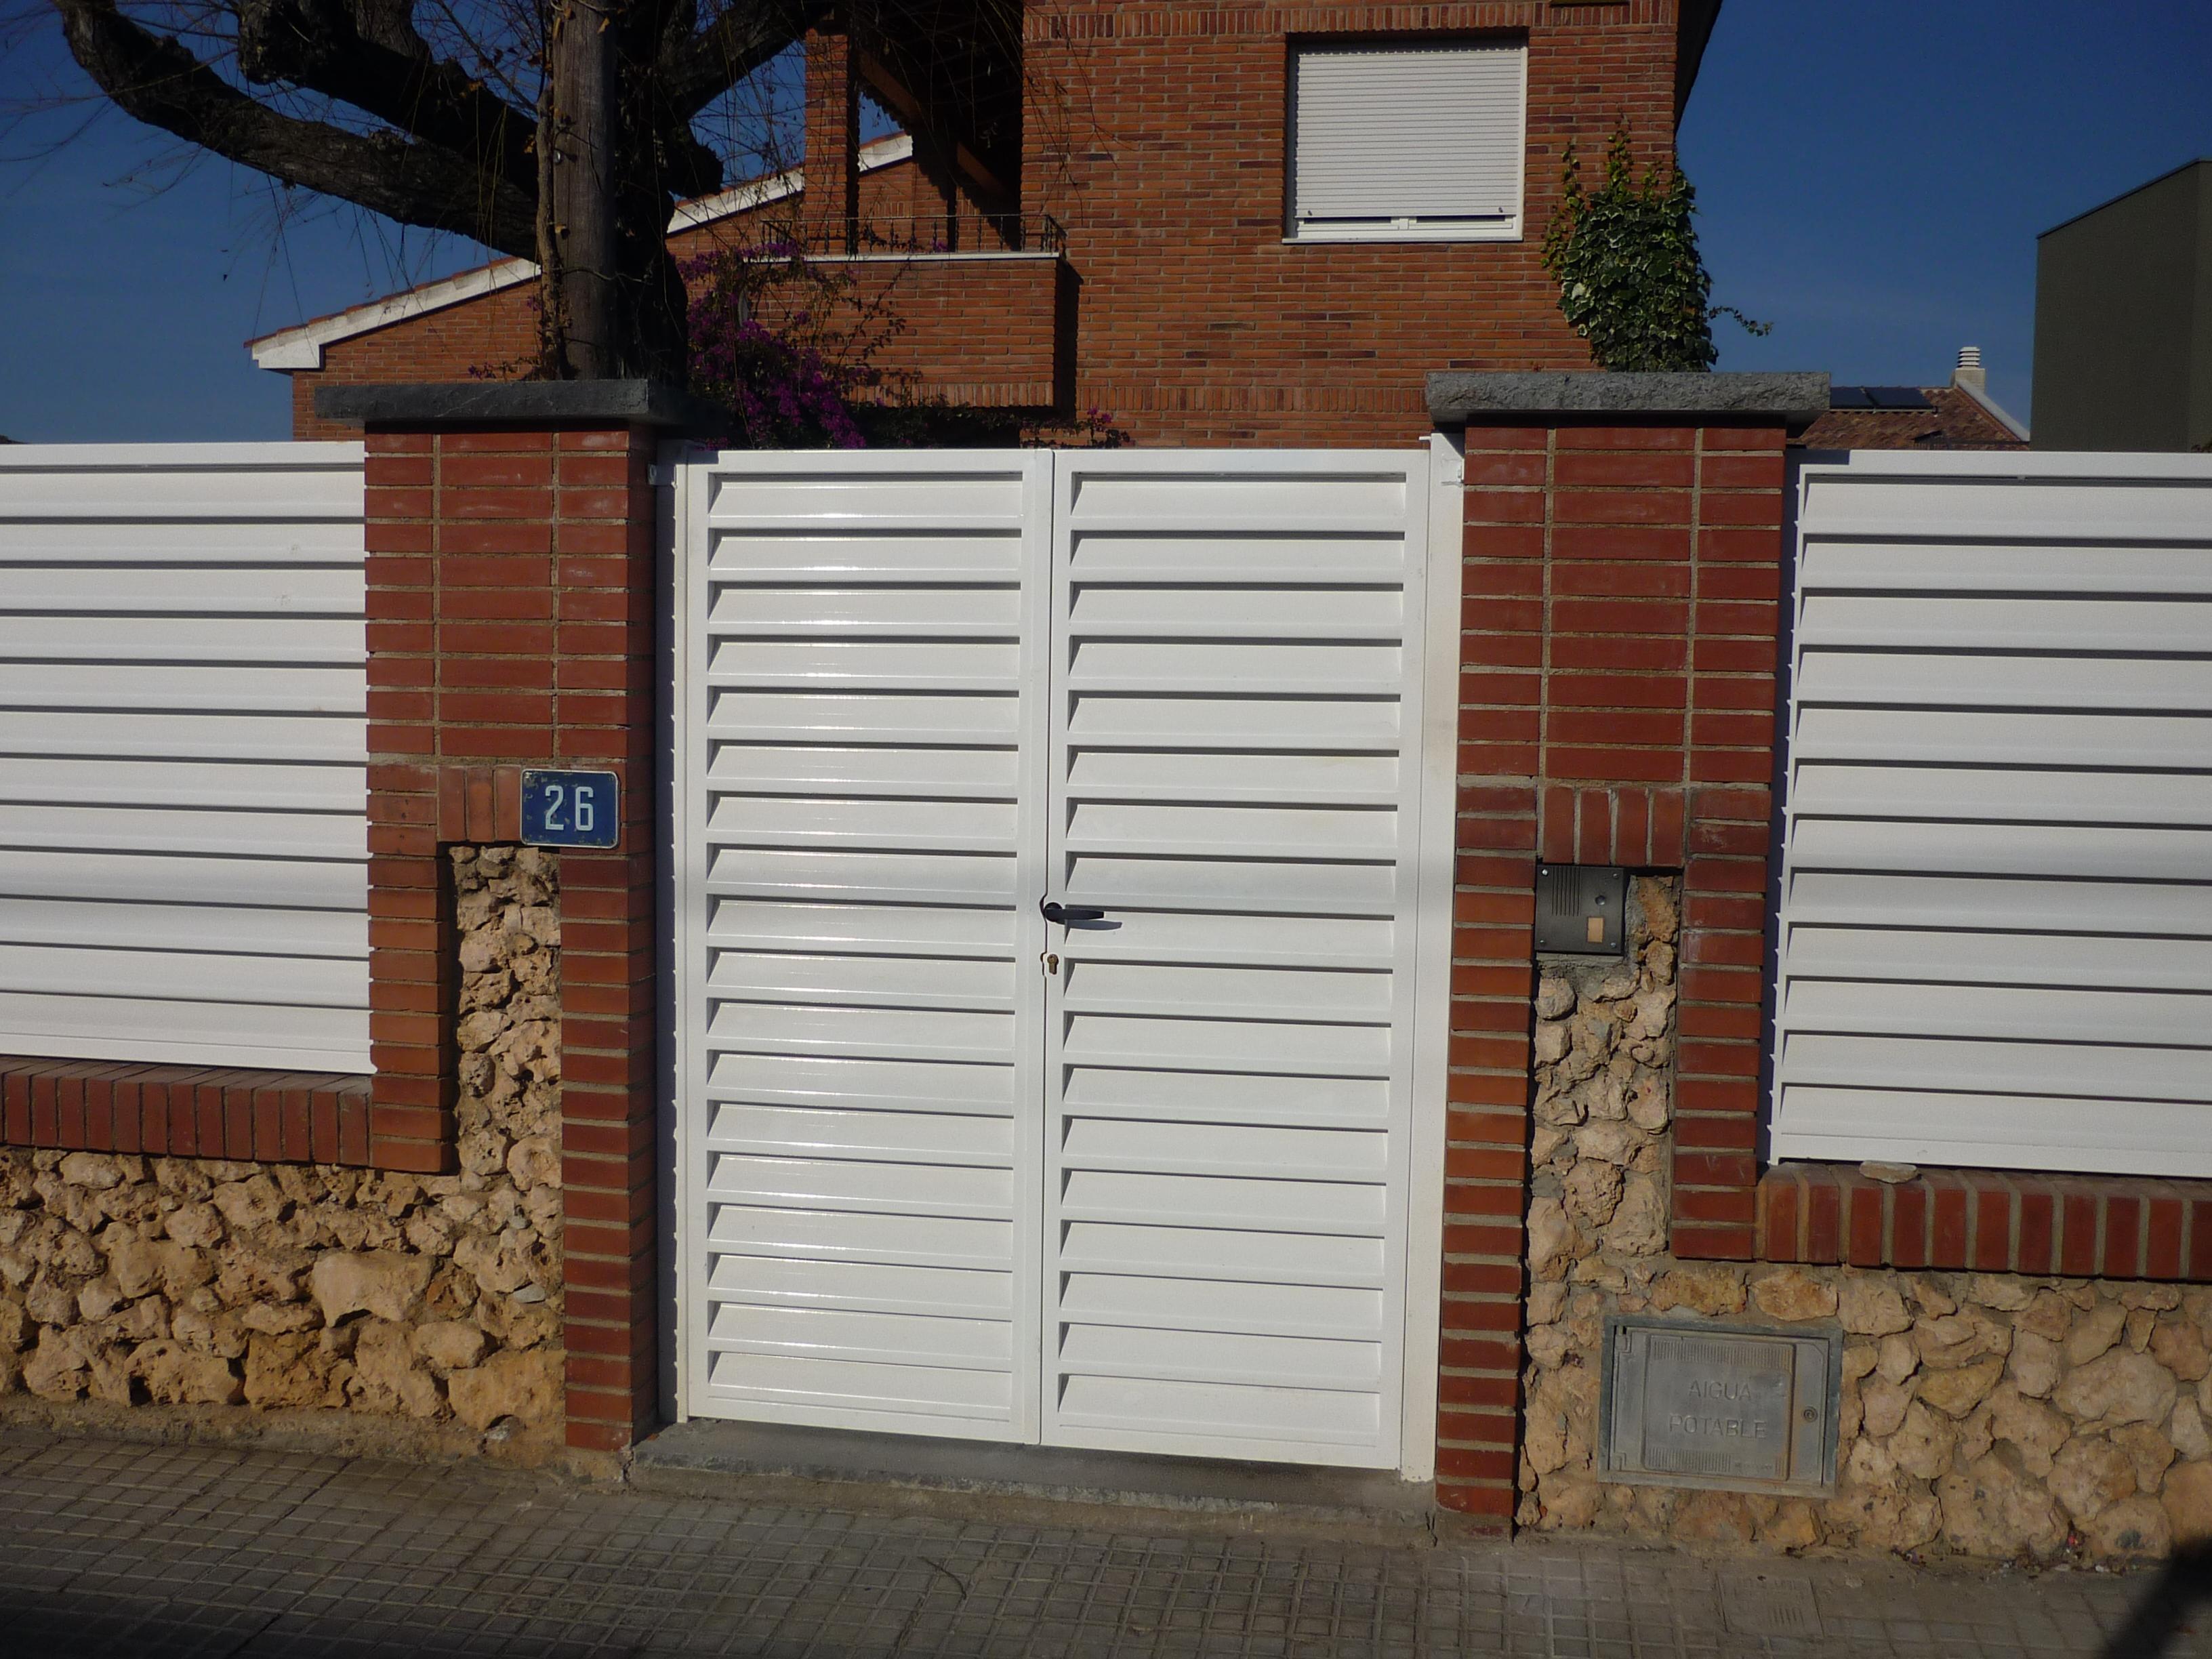 Puertas archivos vinuesa vallas cercados - Puertas de valla ...